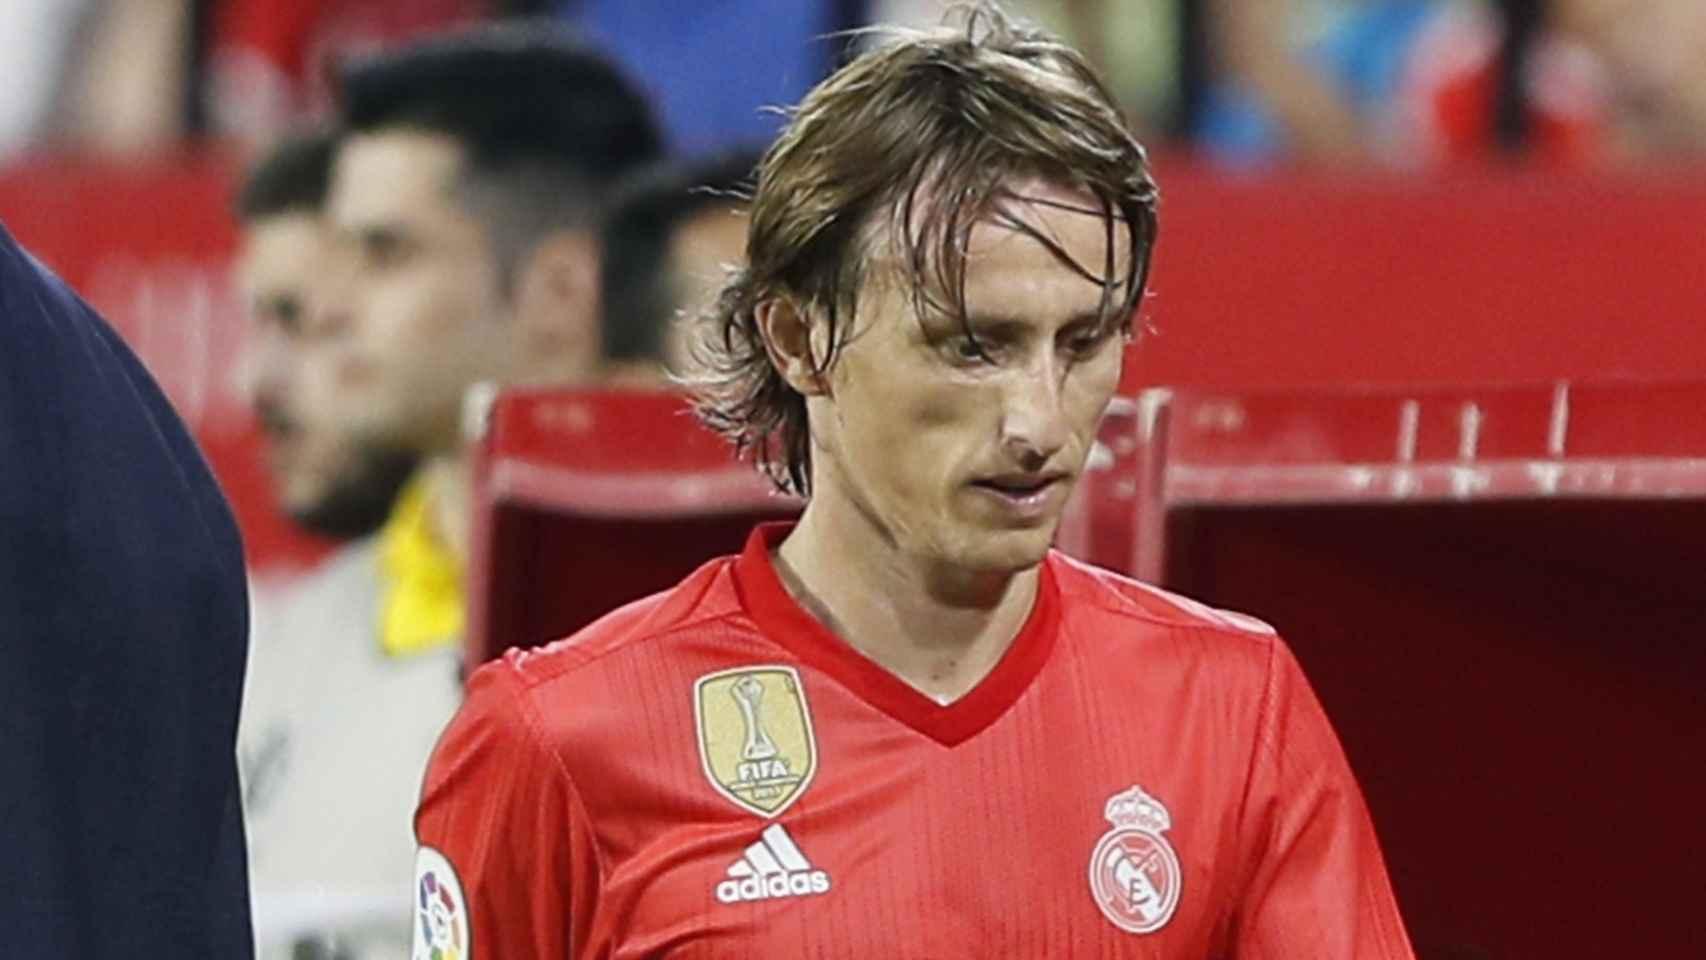 El centrocampista croata del Real Madrid, Luka Modric, abandona el terreno de juego tras ser sustituido